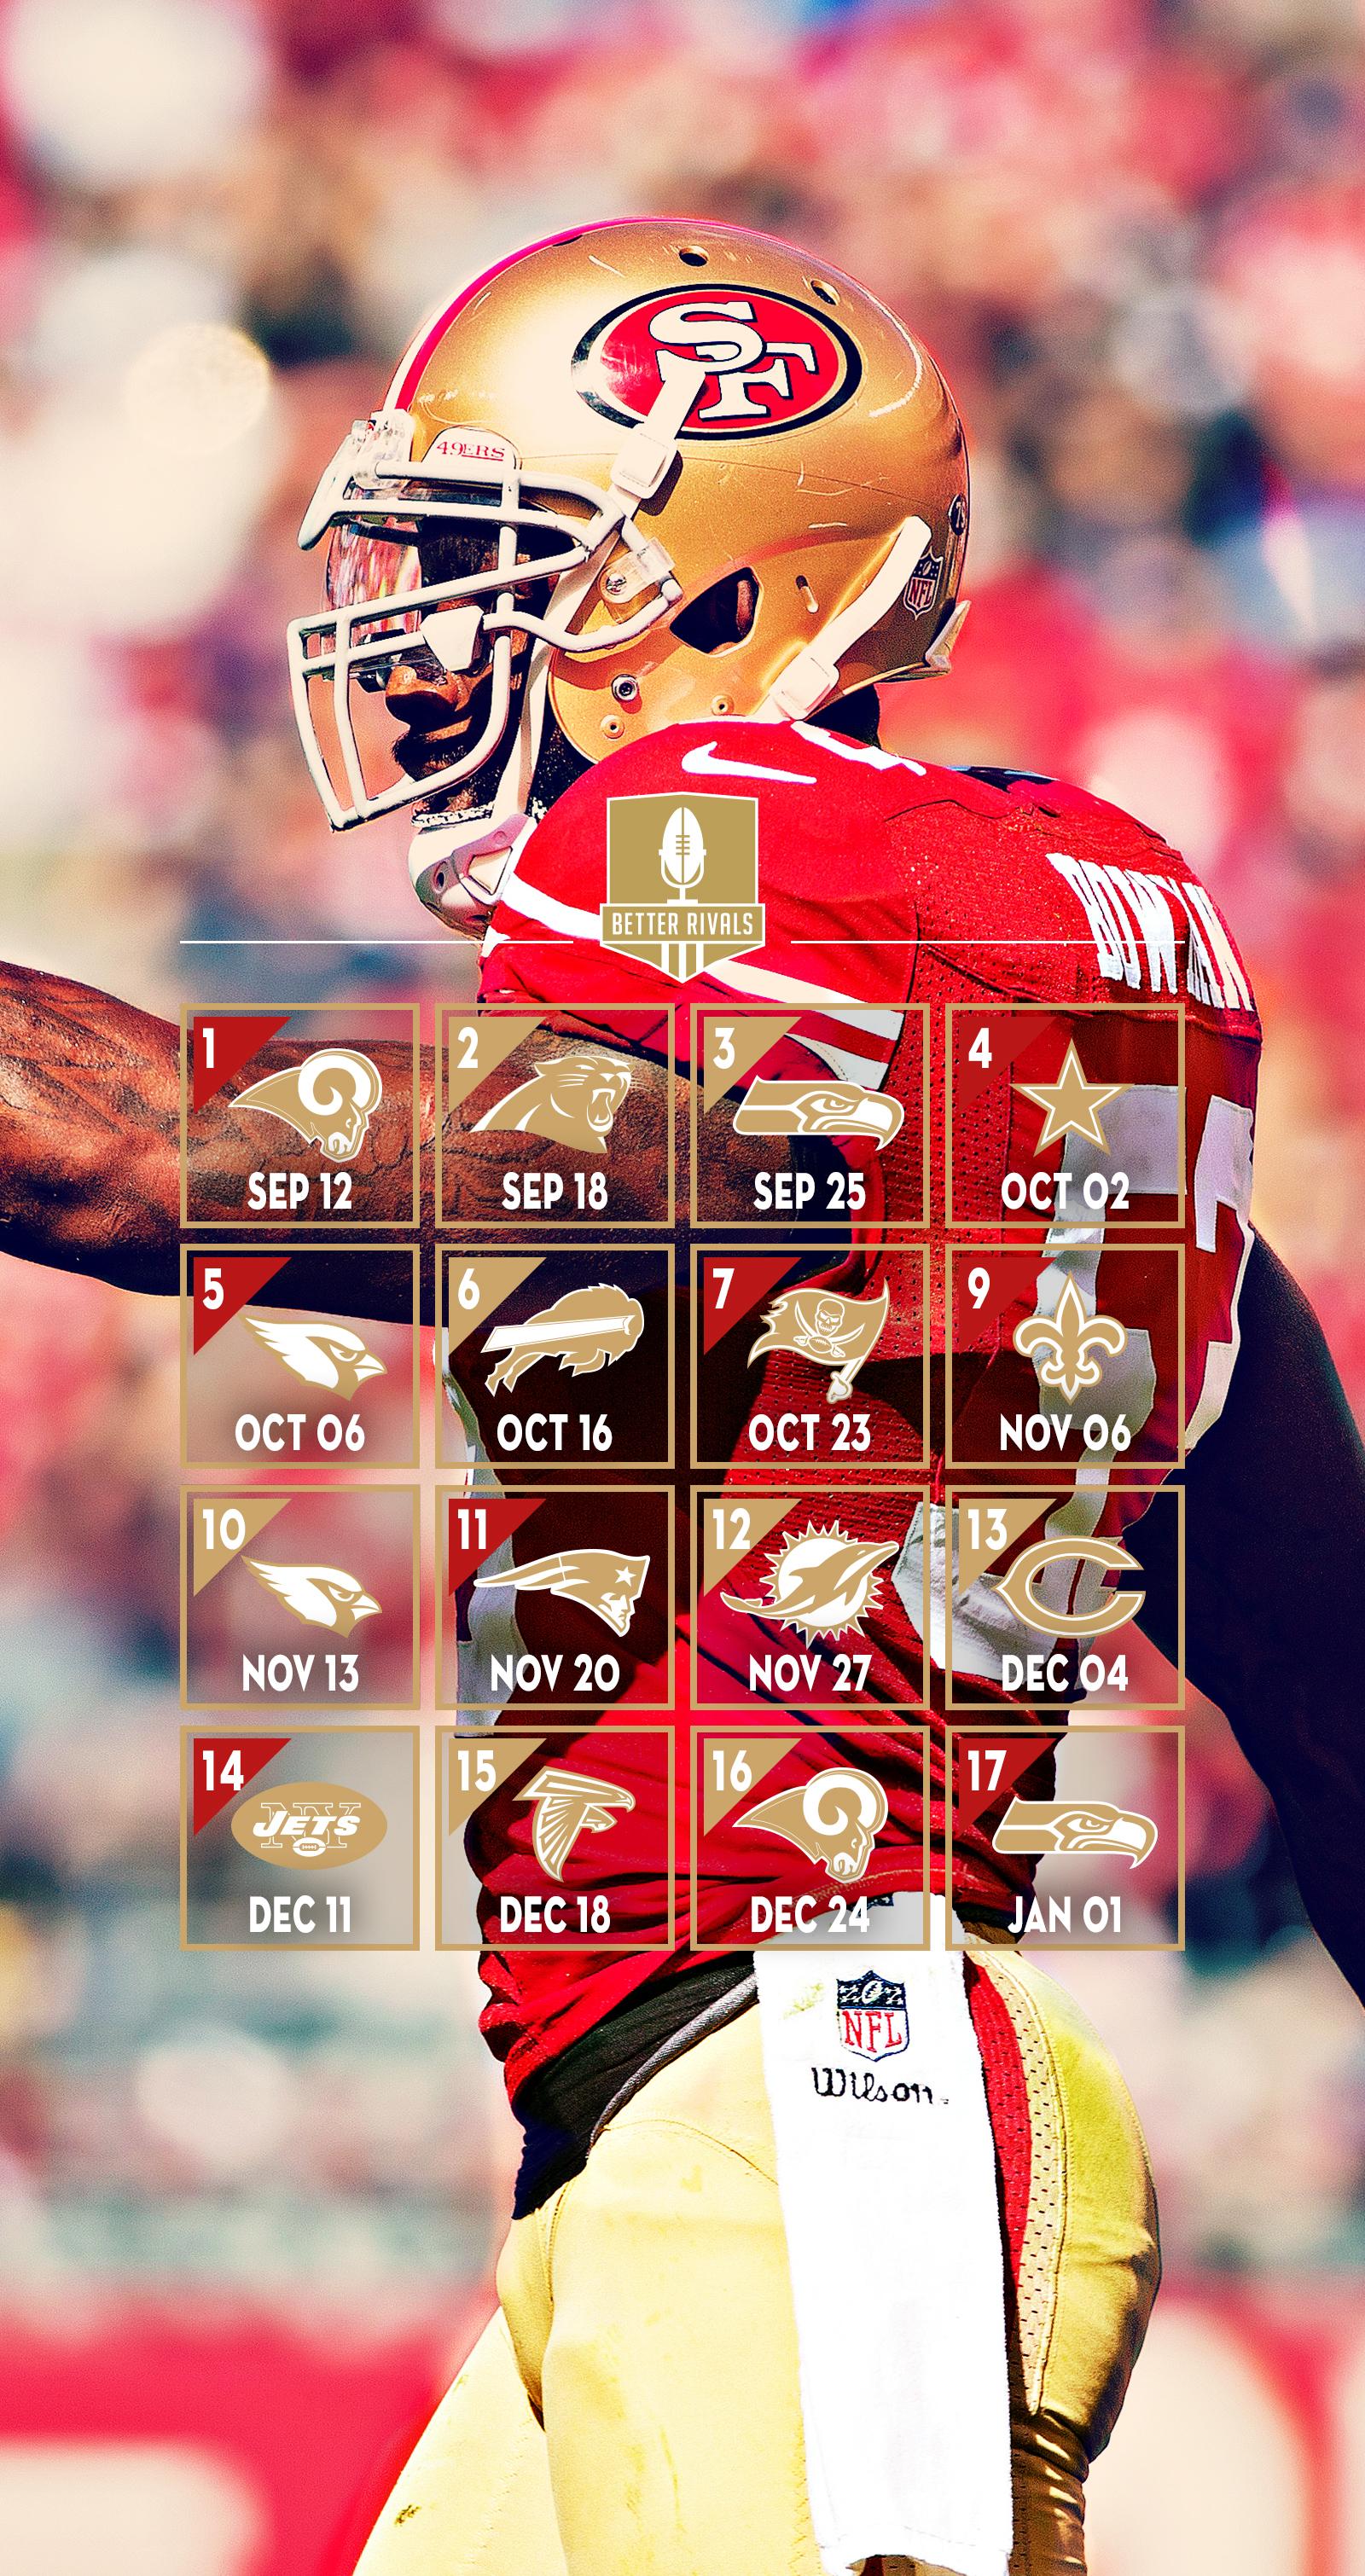 49ers wallpaper super bowl wwwpixsharkcom images